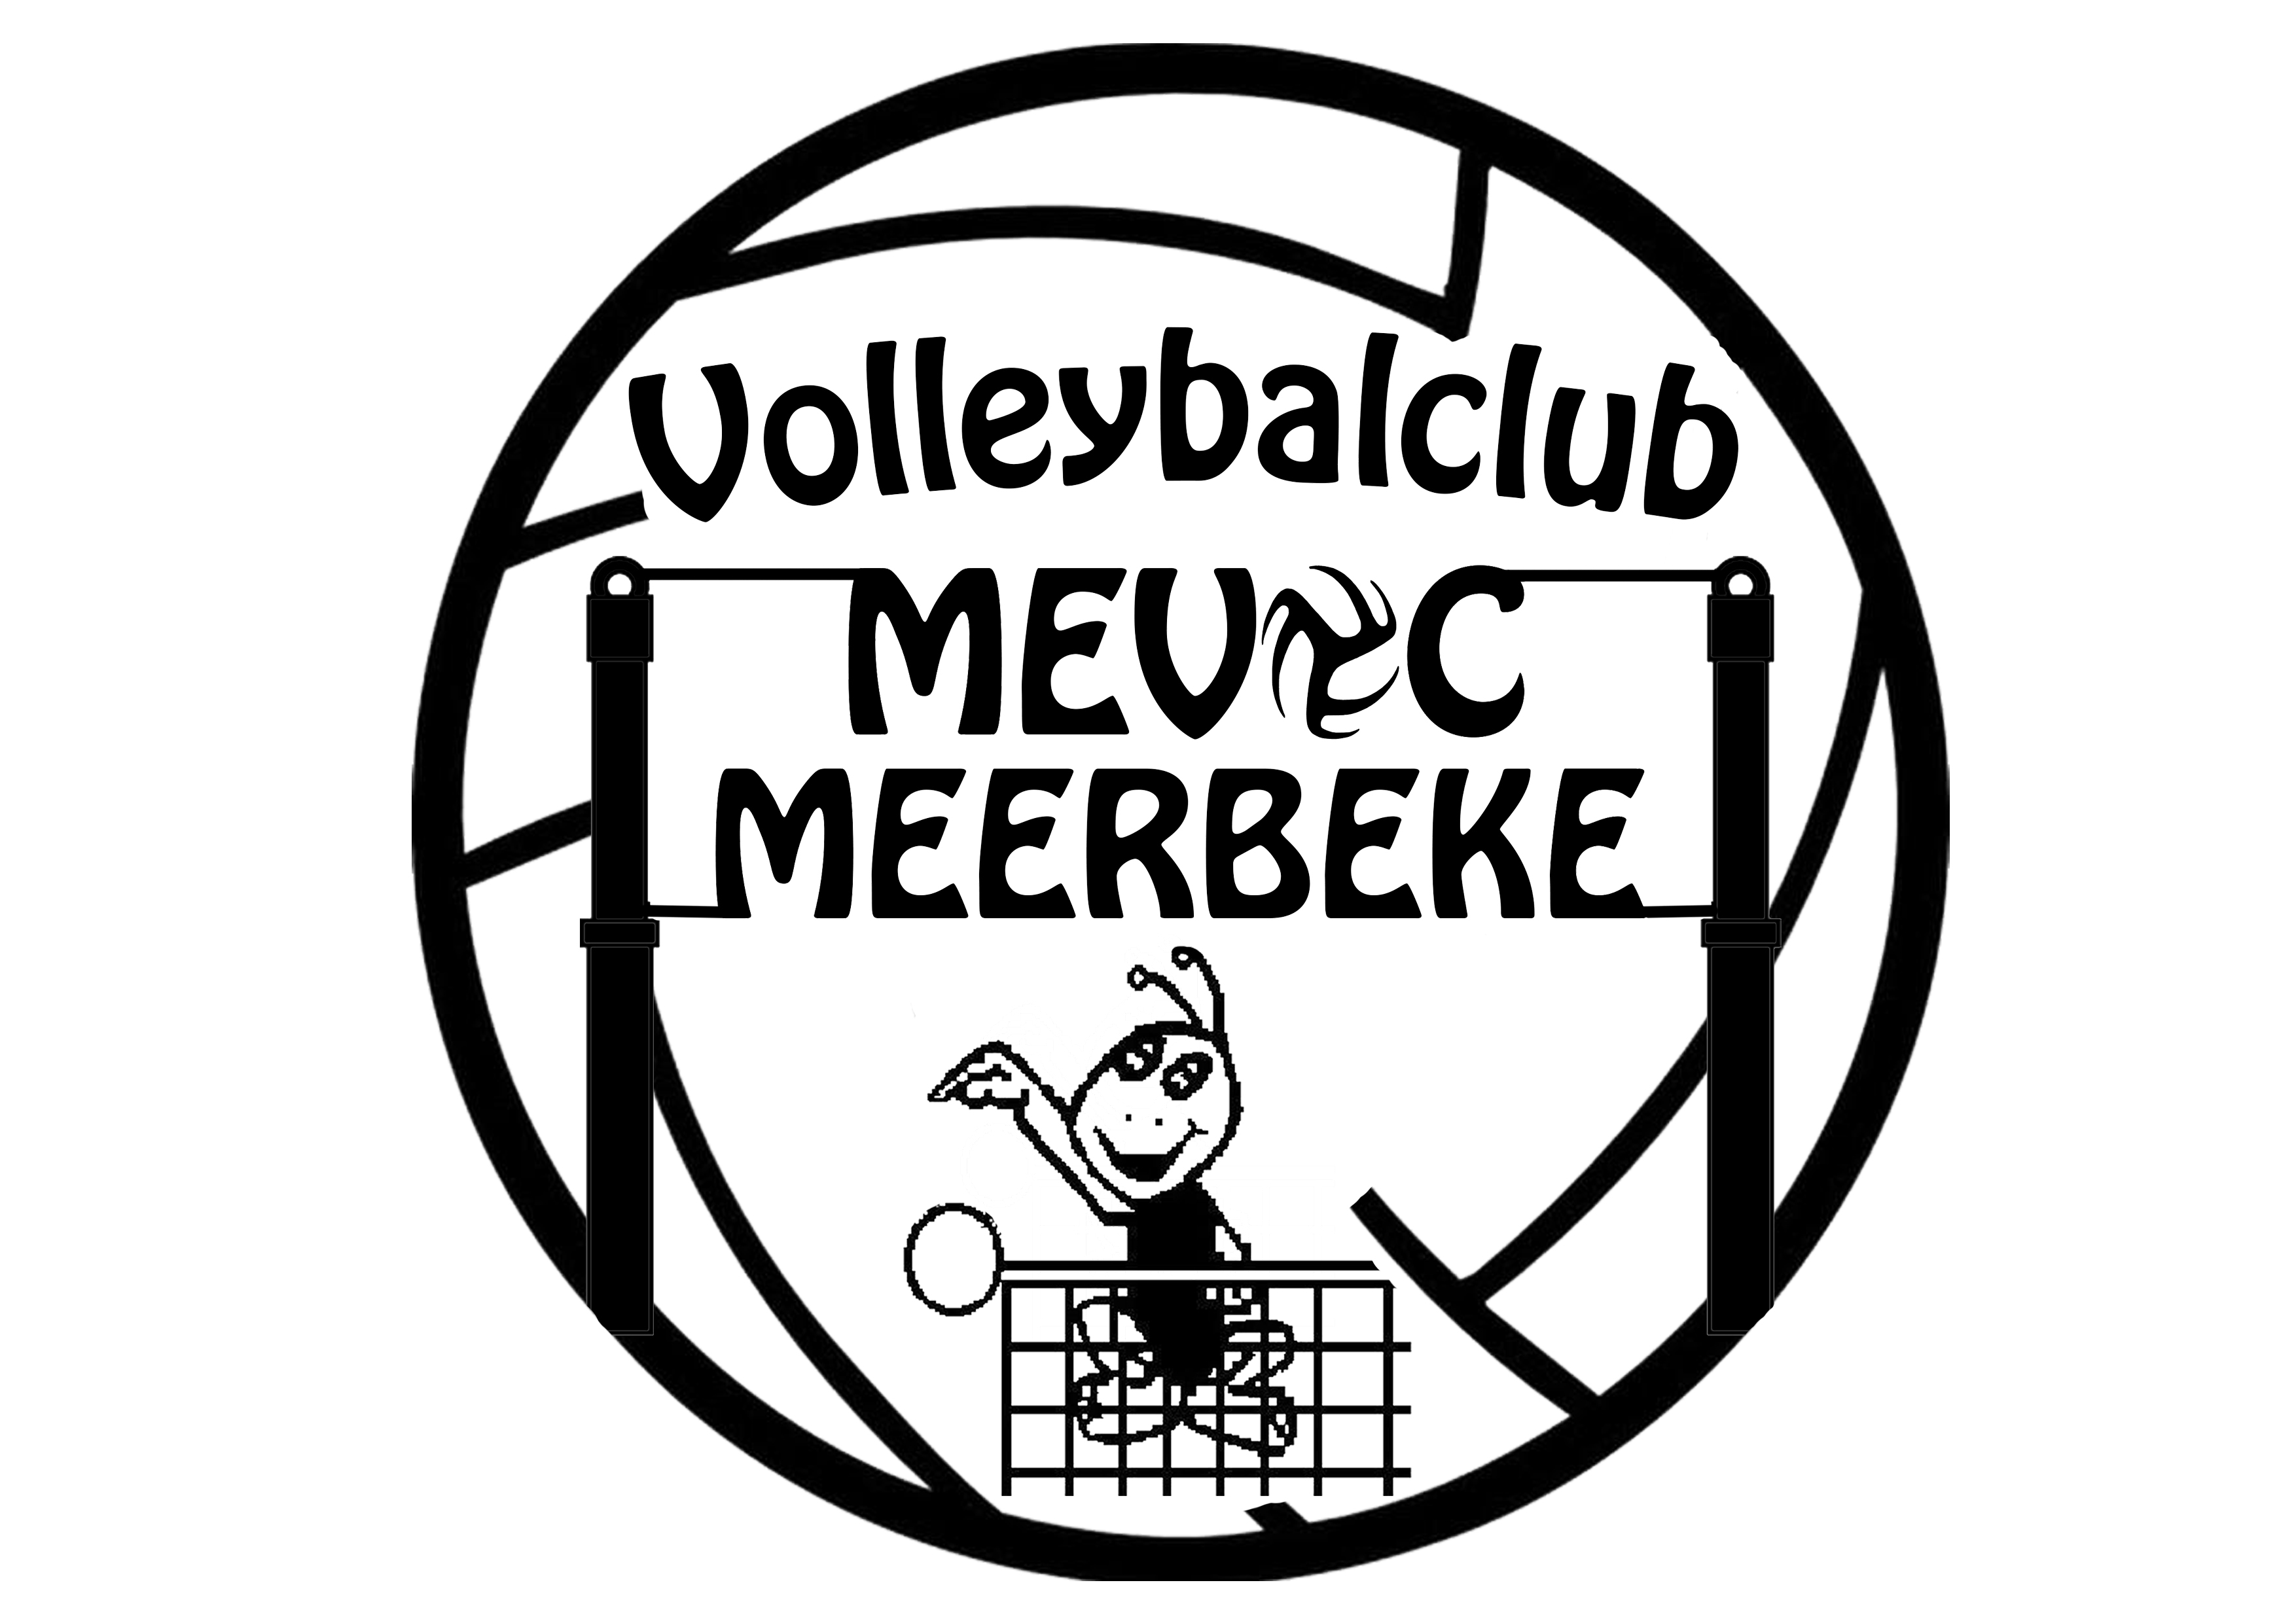 Volleybalclub Mevoc Meerbeke